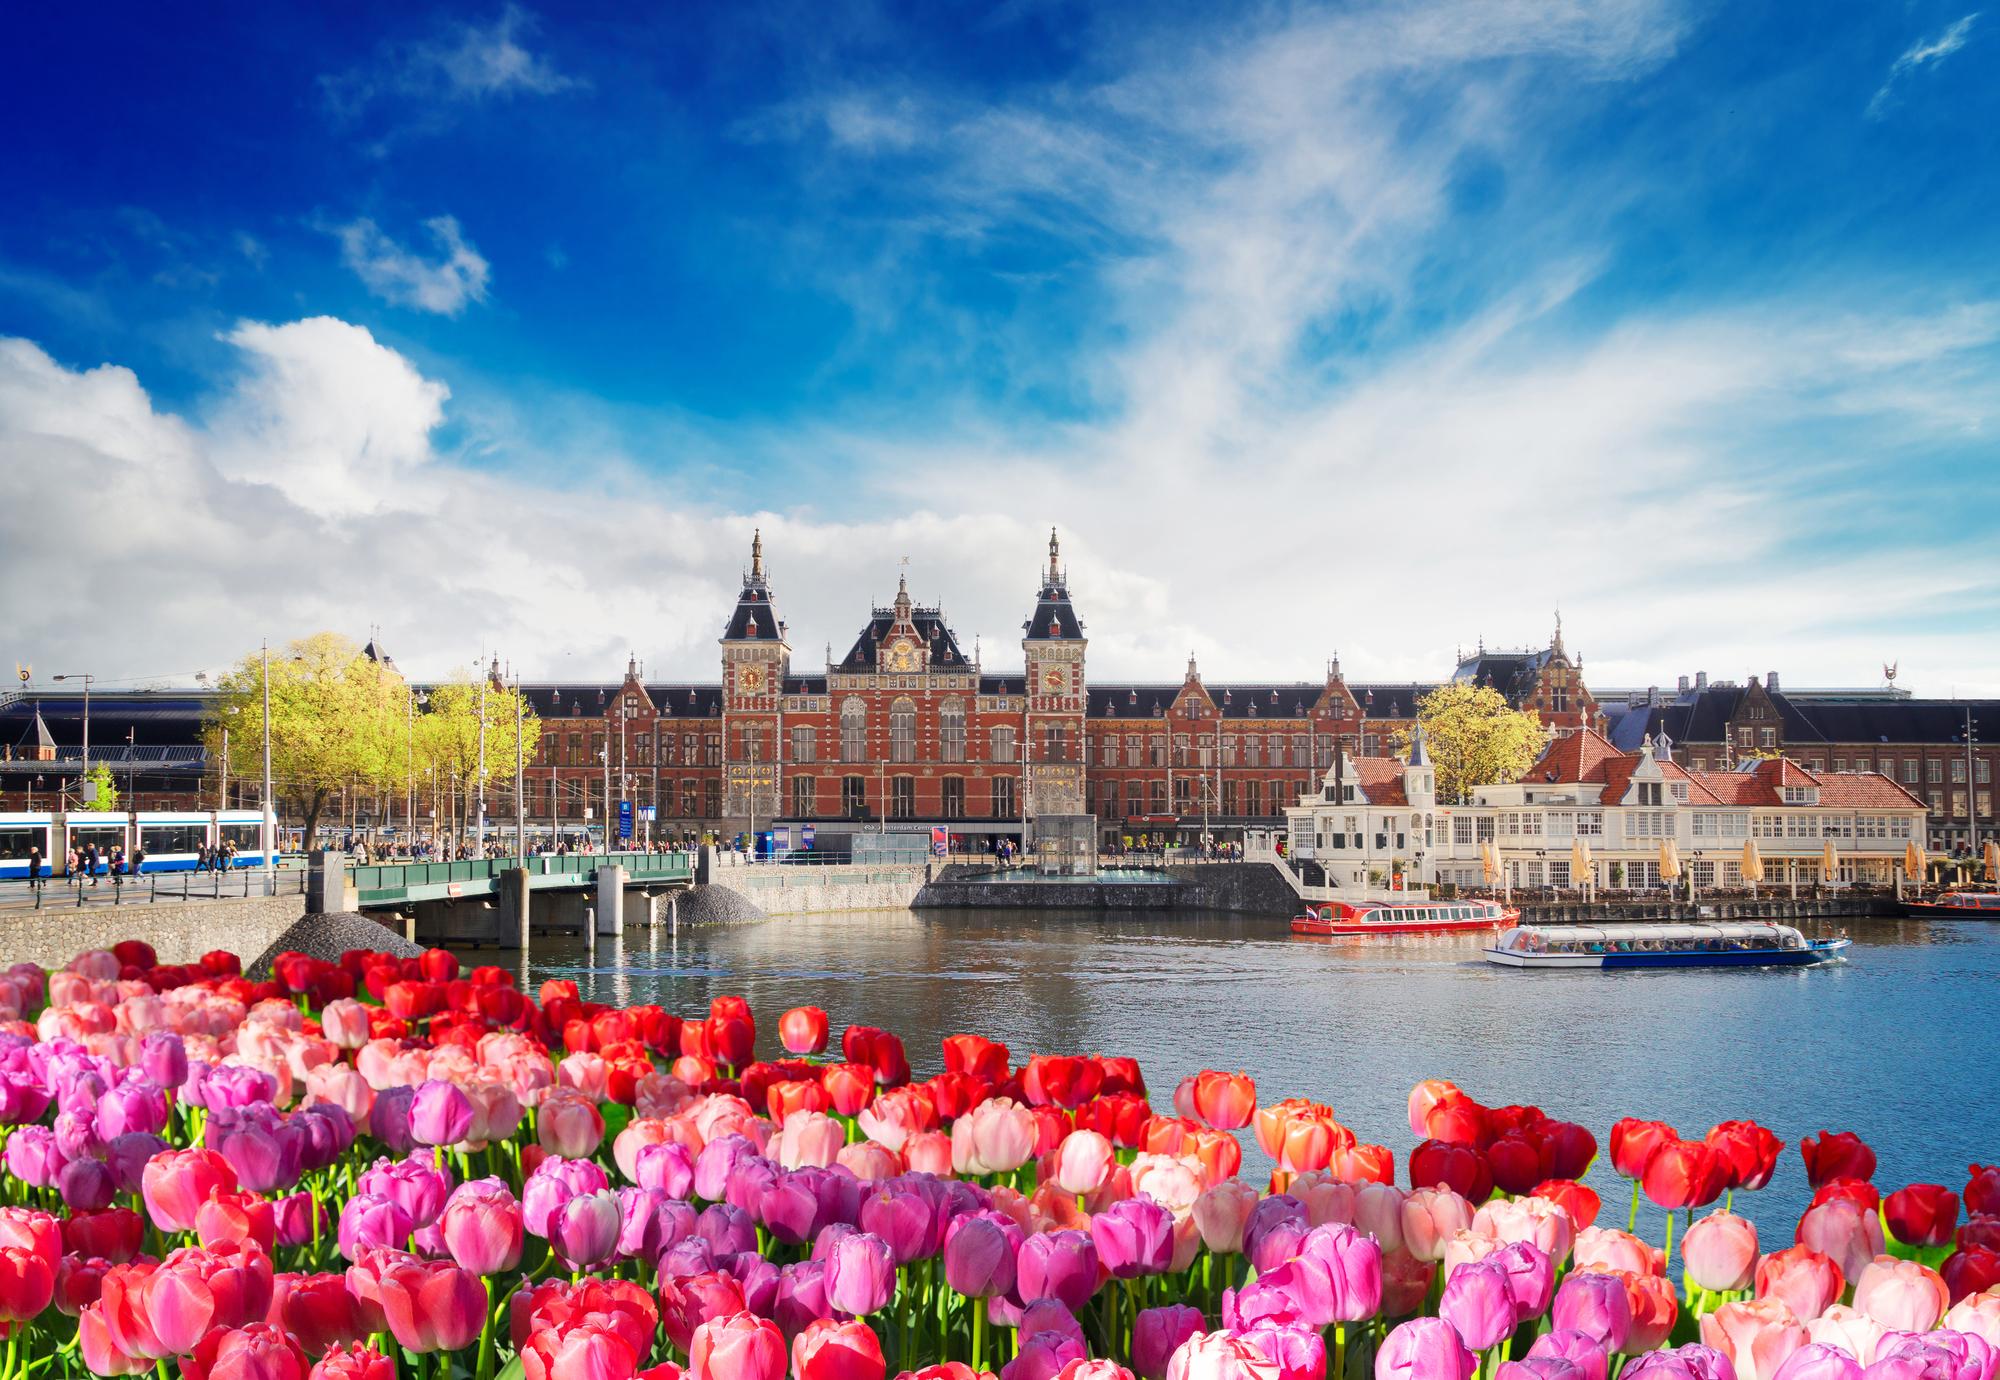 【オランダの音楽事情】アムステルダム発のDJトリオ・Kris Kross Amsterdam